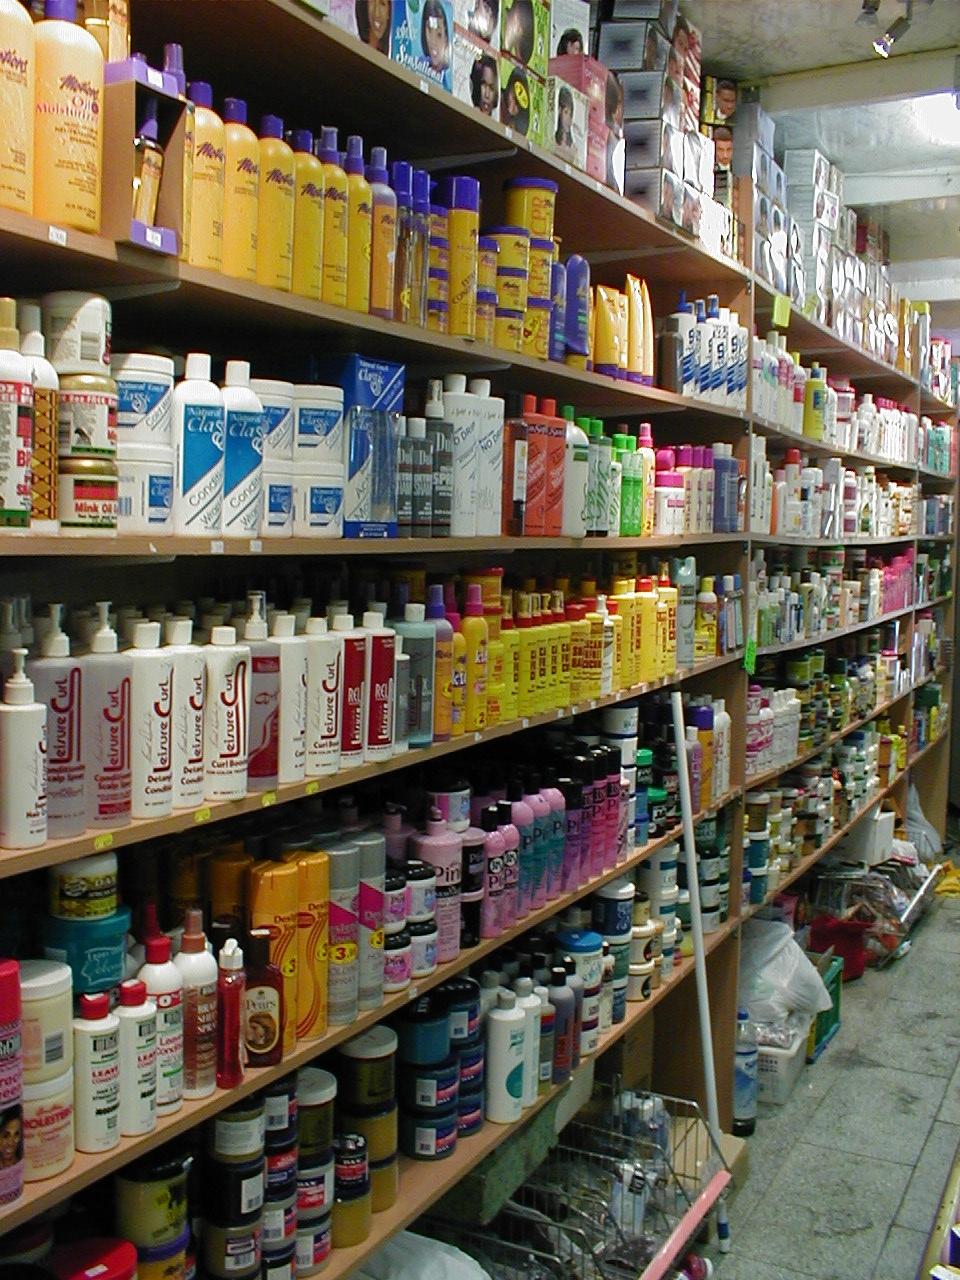 pastillas anticonceptivas en el shampoo